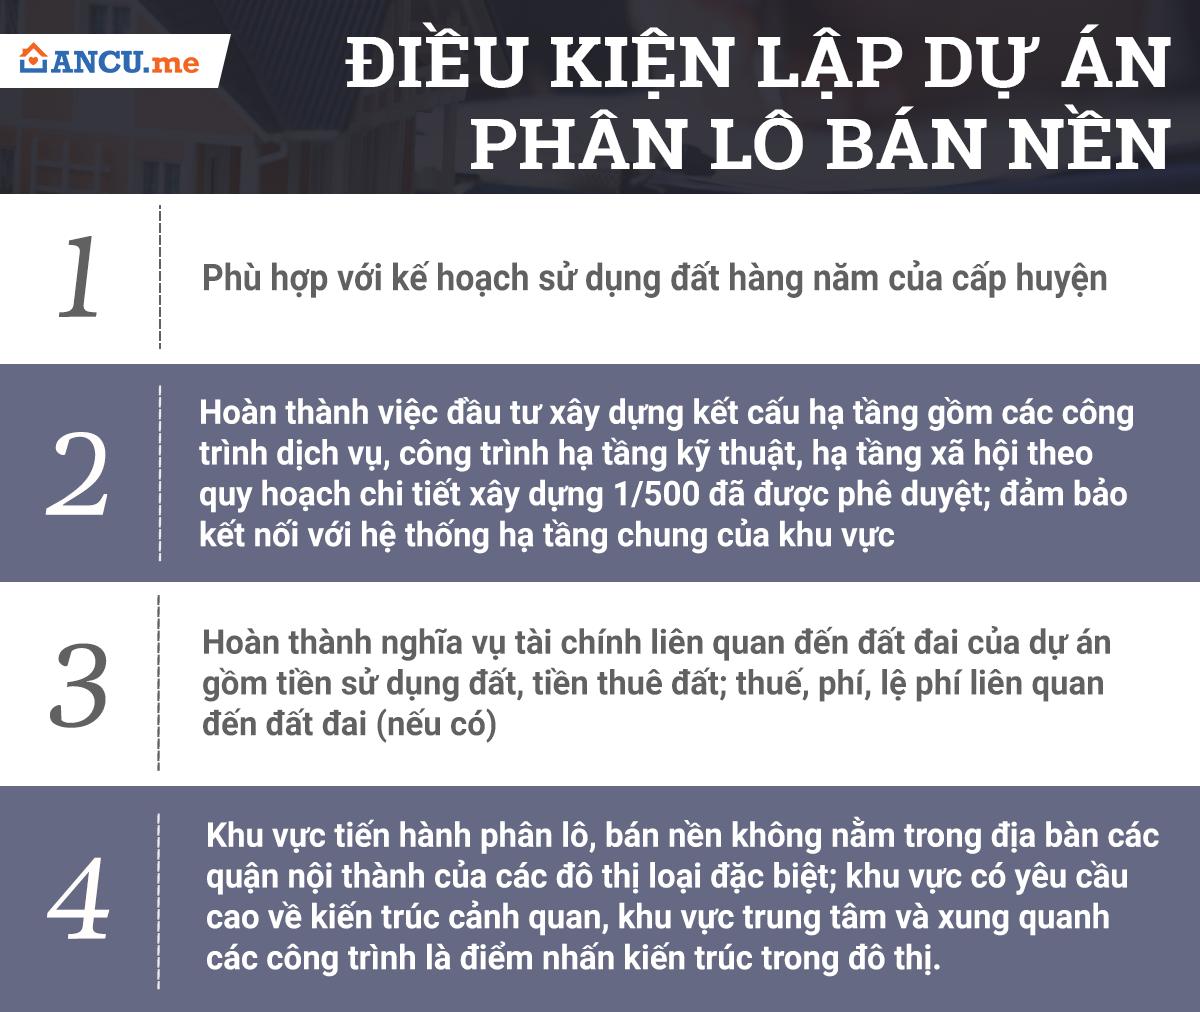 dieu-kien-phan-lo-ban-nen